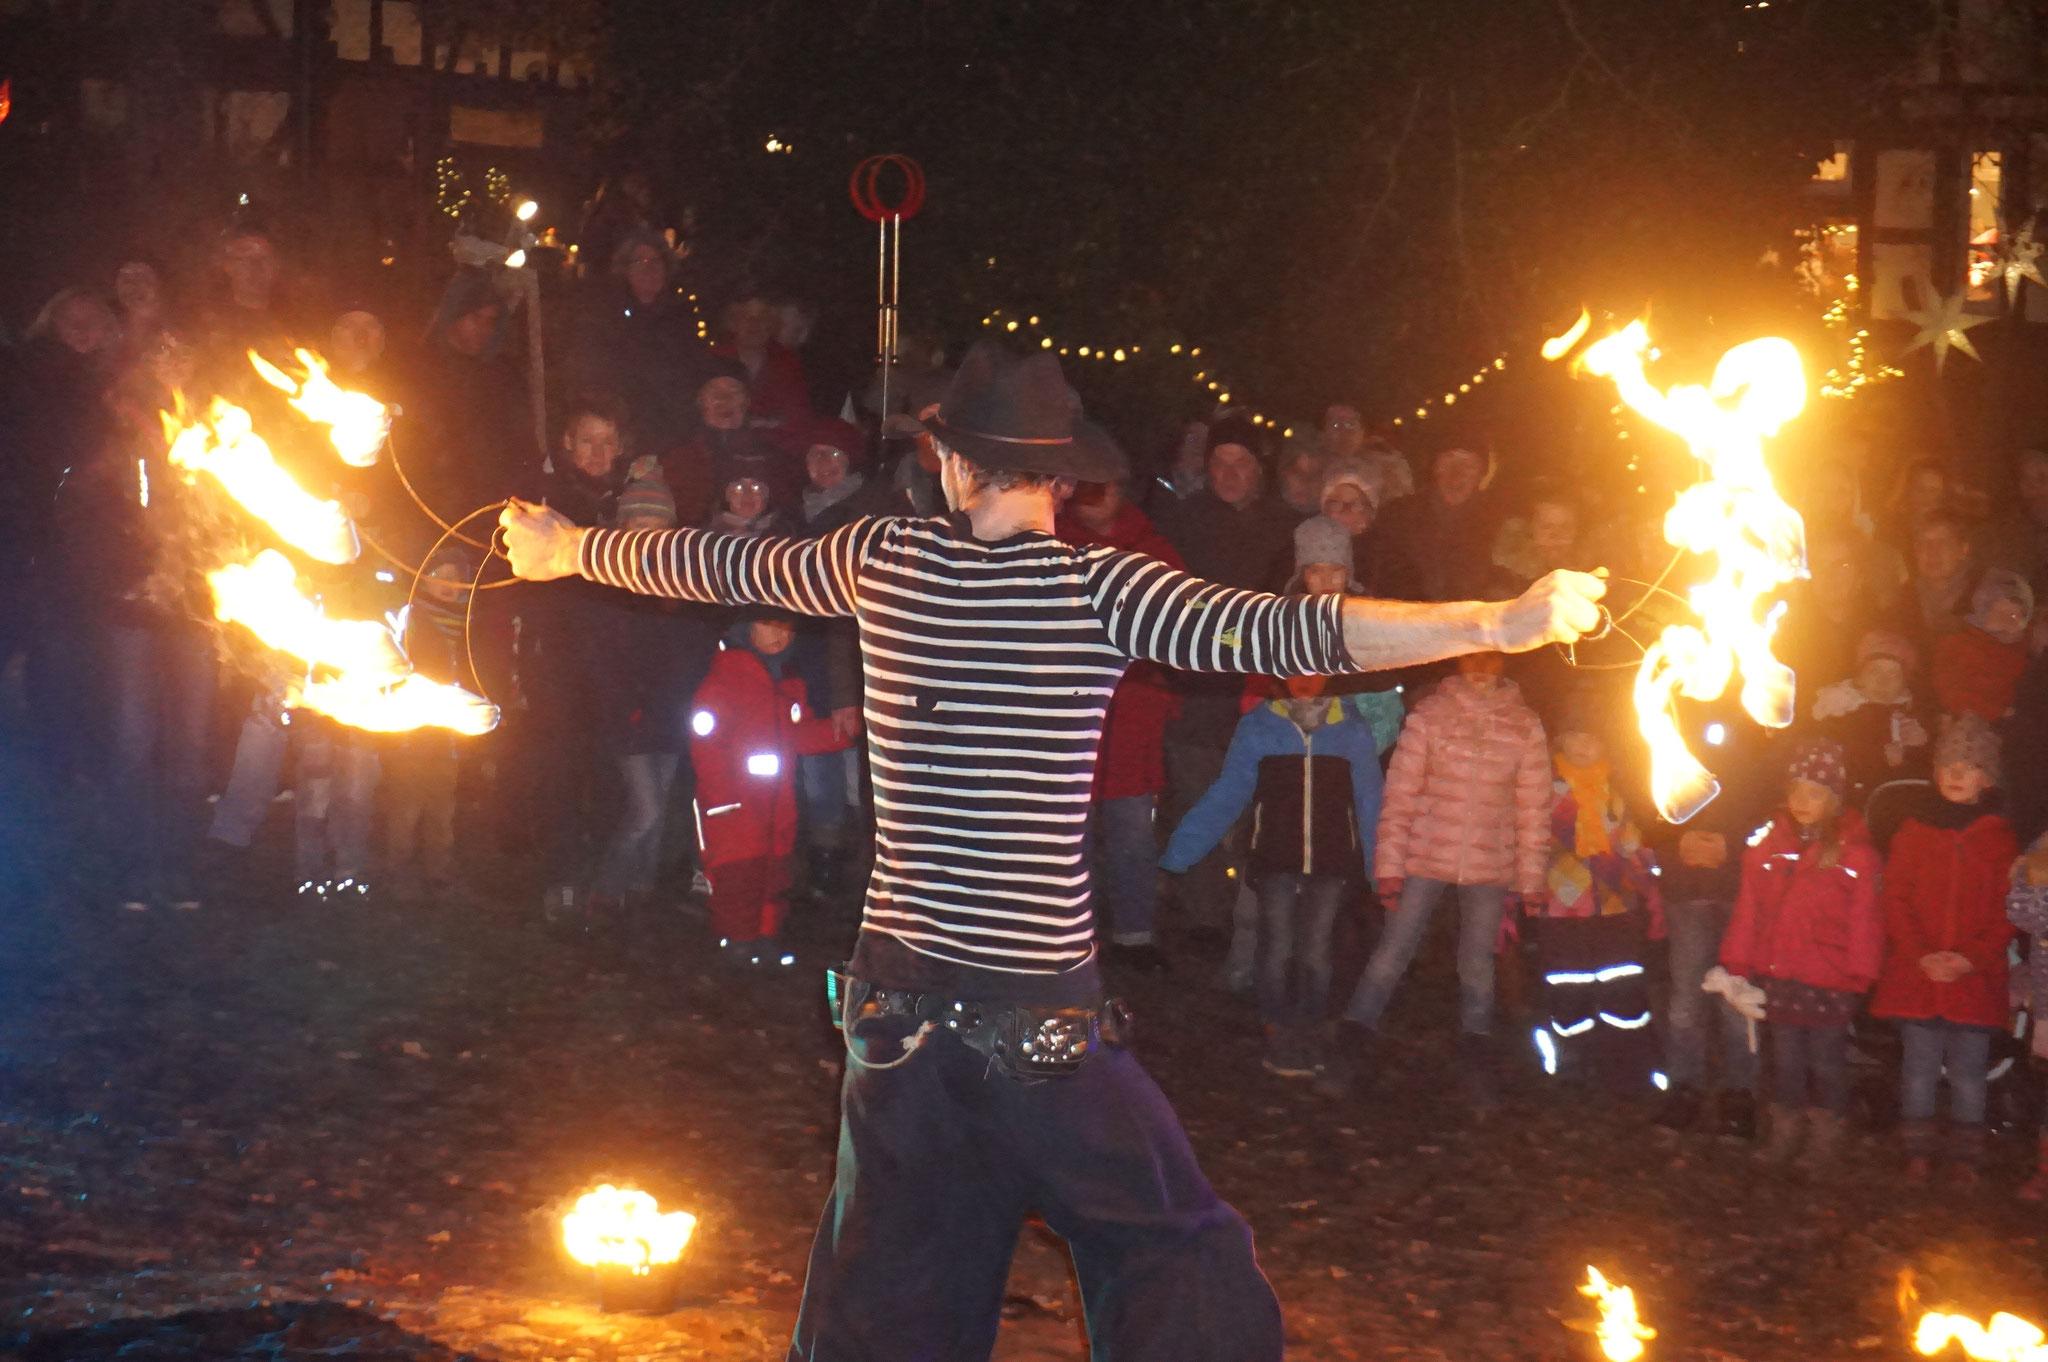 Feuershow beim Weihnachts-Zauber